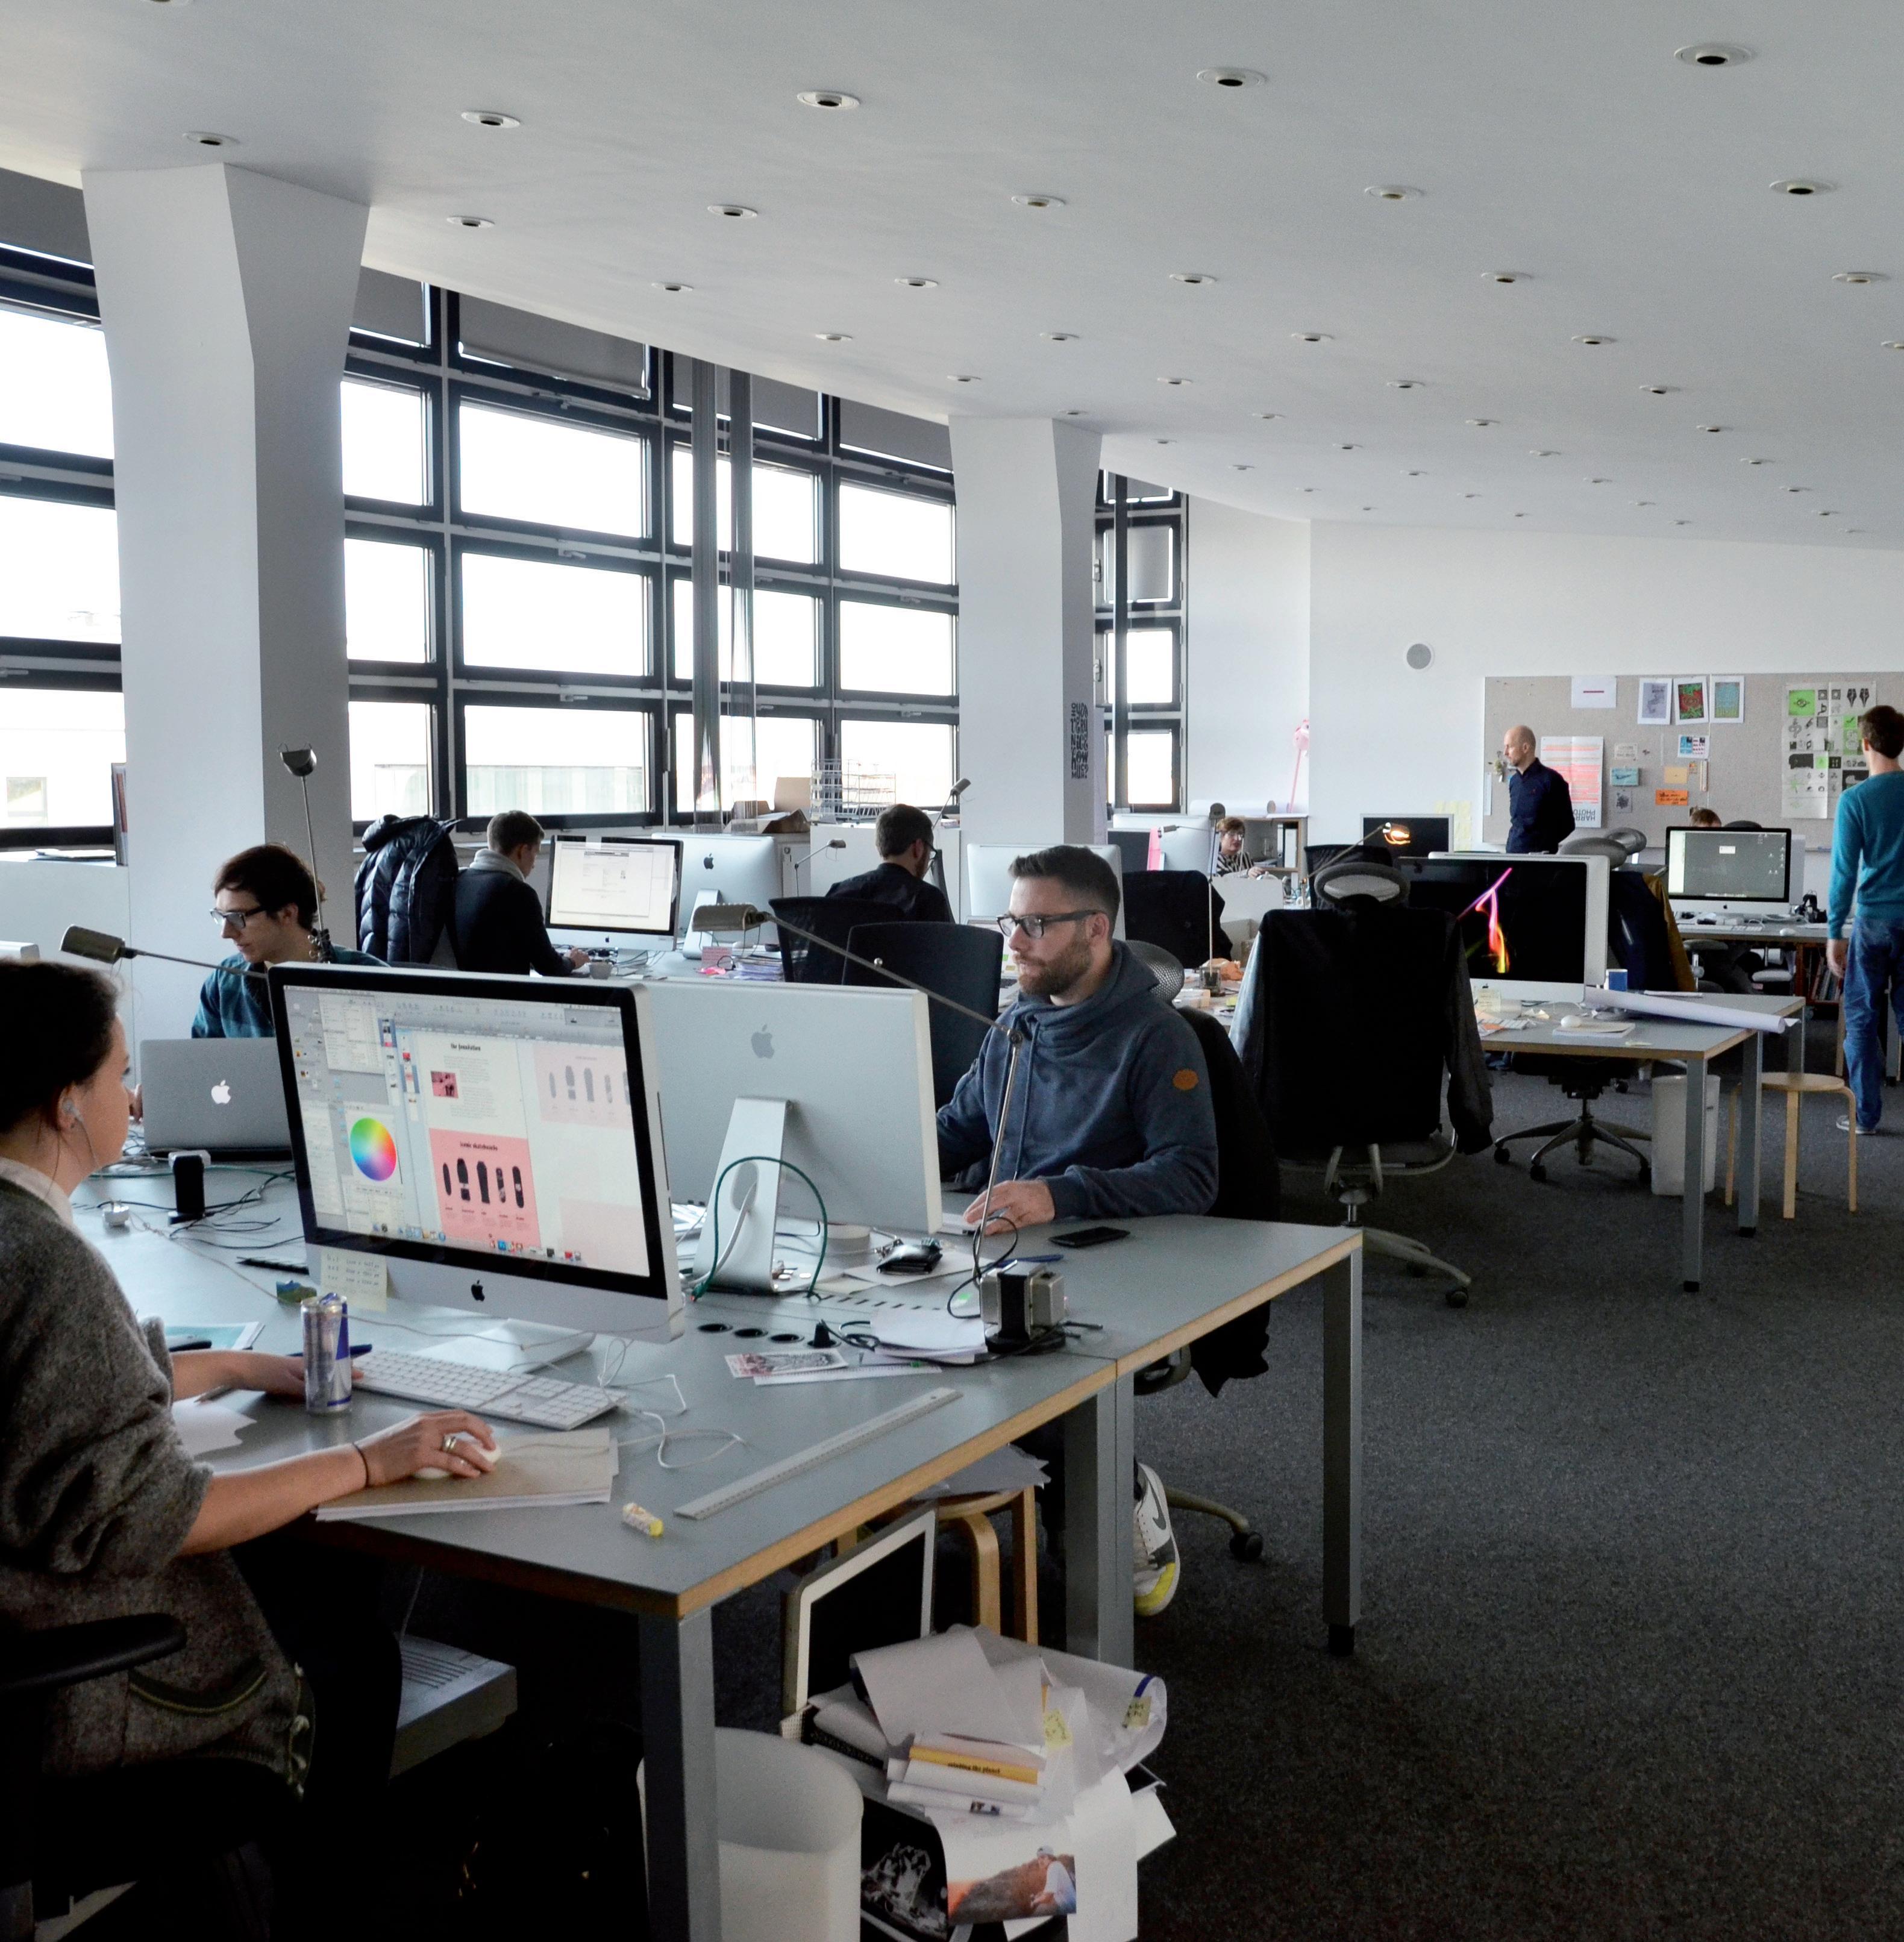 Page 82 of Meet the service designer(s): Erik Spiekermann & Pia Betton